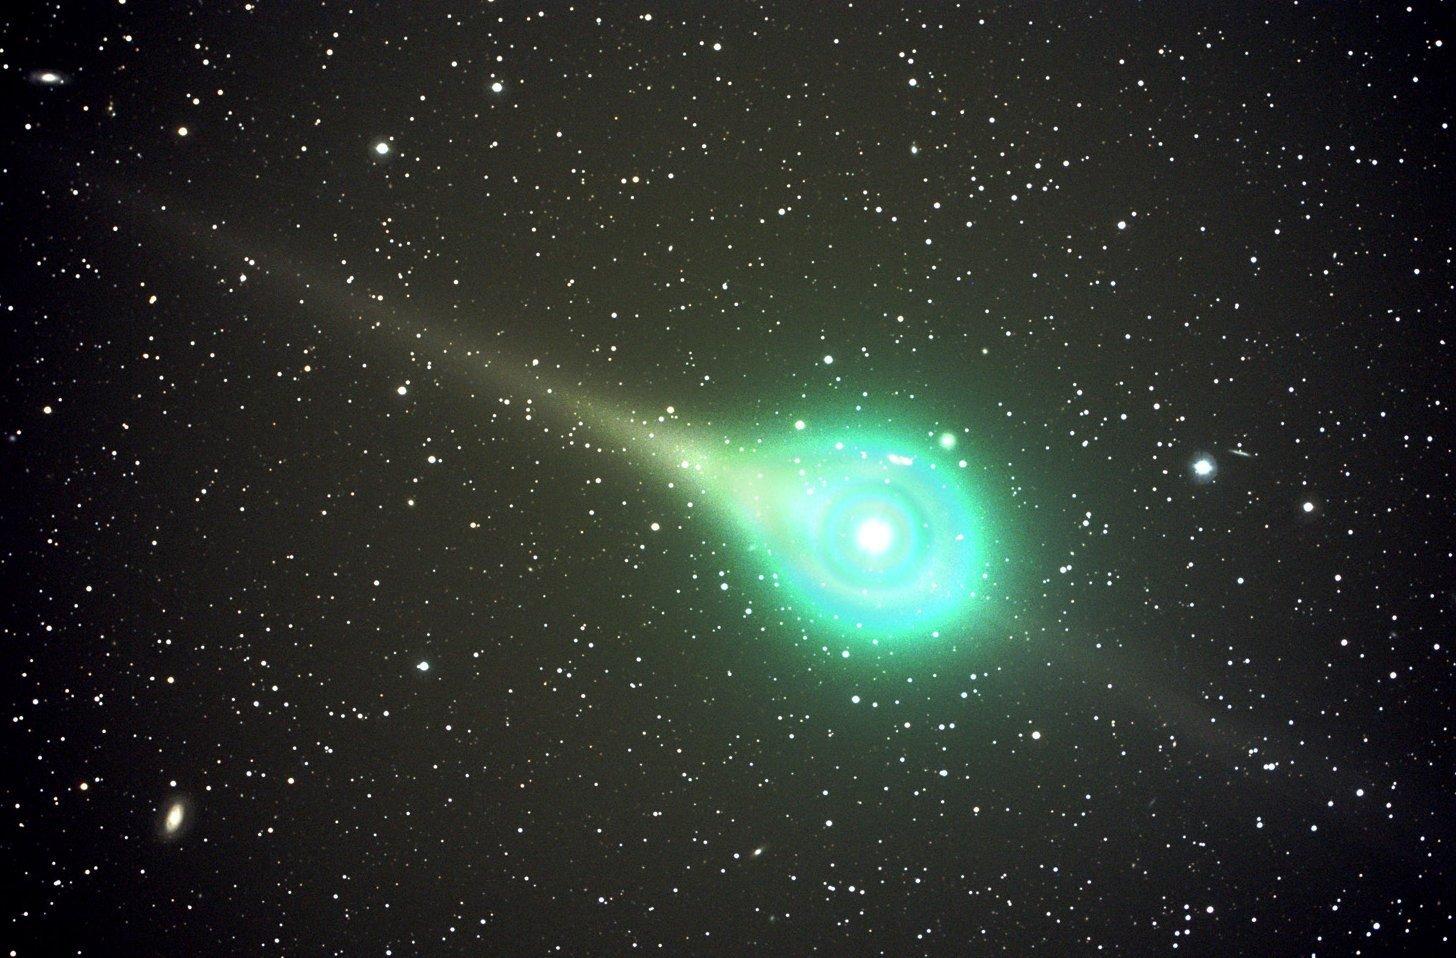 Астрономы предвещают очевидный конец света на16августа